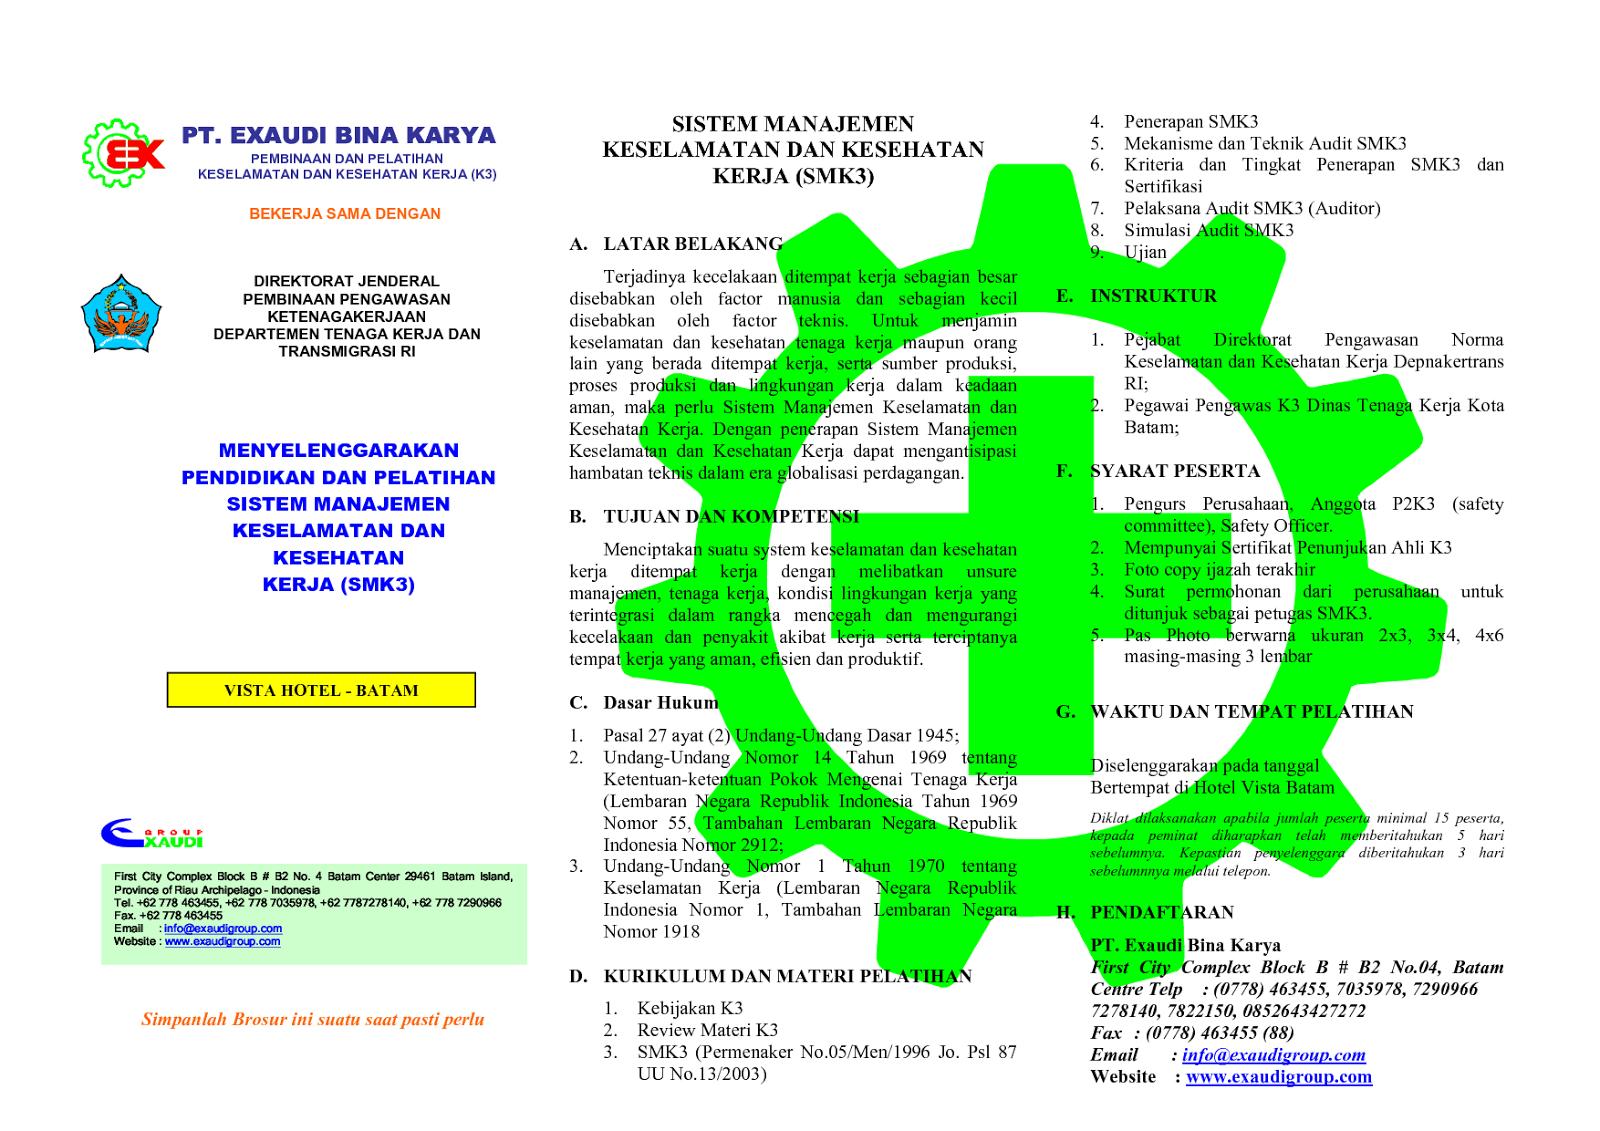 GAMBAR K3 - kesehatan dan keselamatan kerja